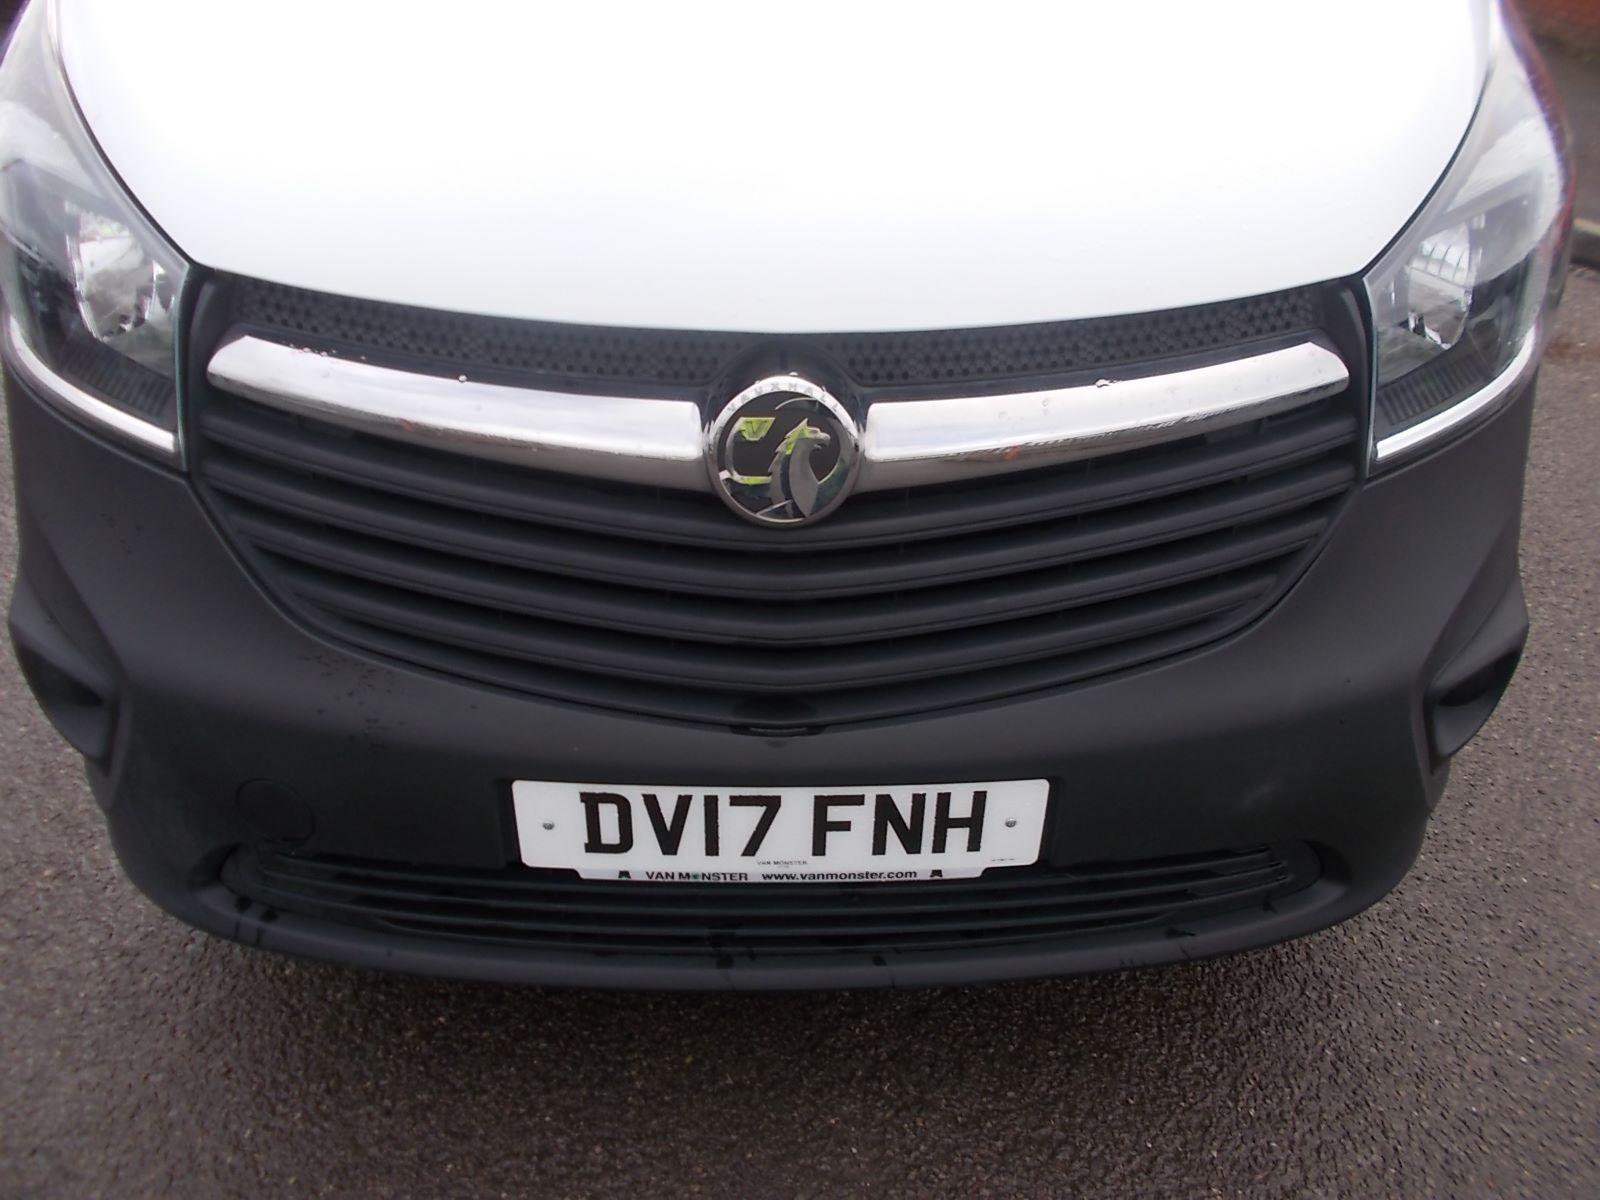 2017 Vauxhall Vivaro L2 H1 2900 1.6CDTI 120PS EURO 6 (DV17FNH) Image 21